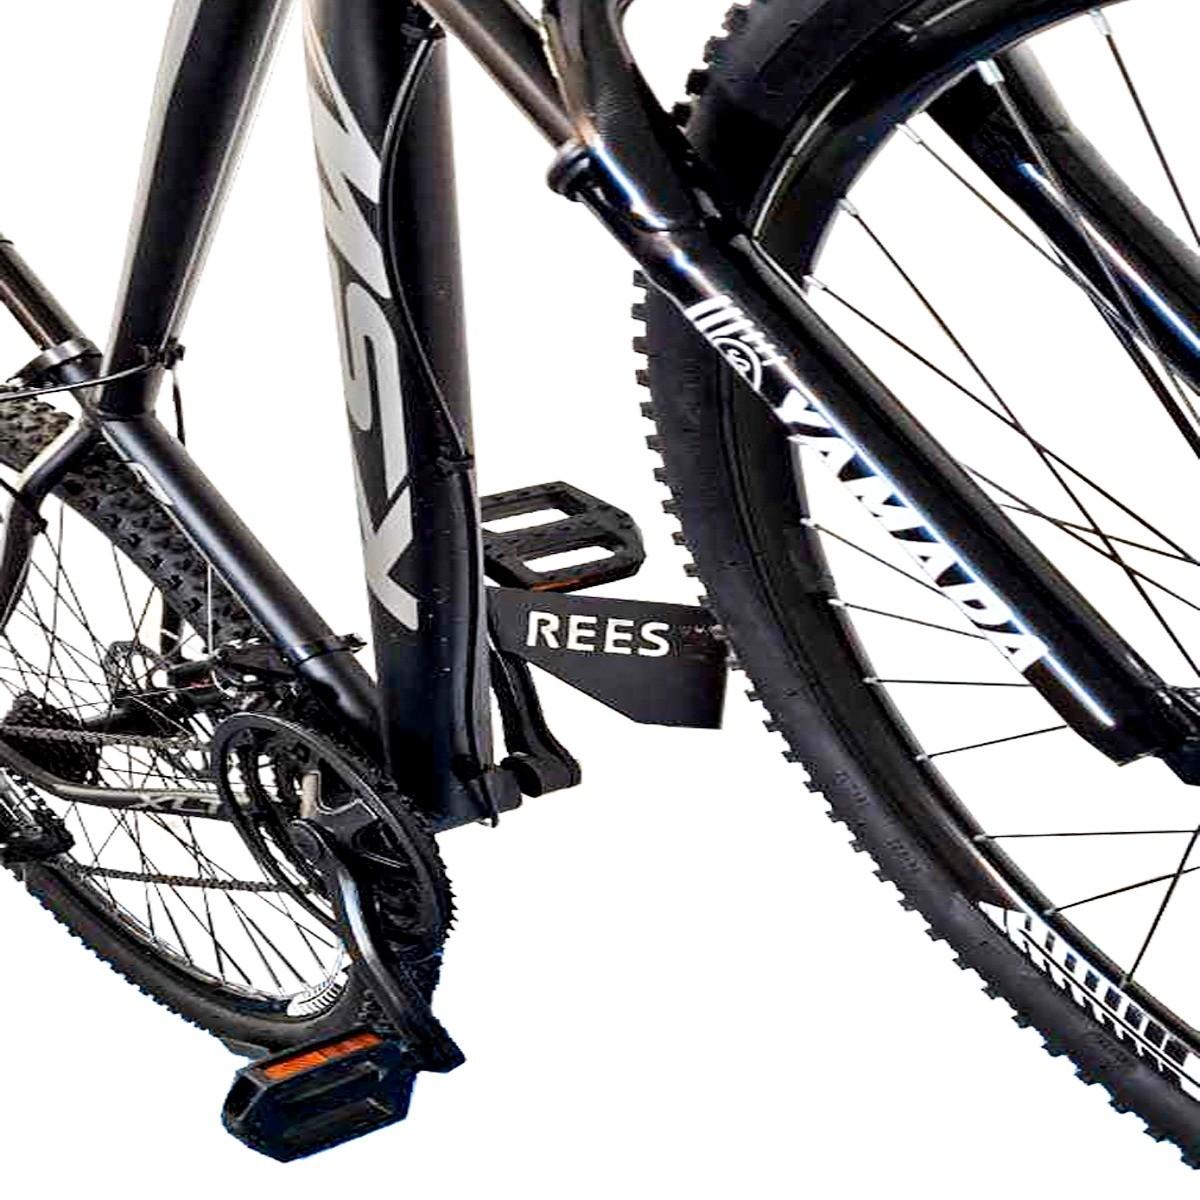 Suporte de Parede Horizontal para 1 Bike Reese